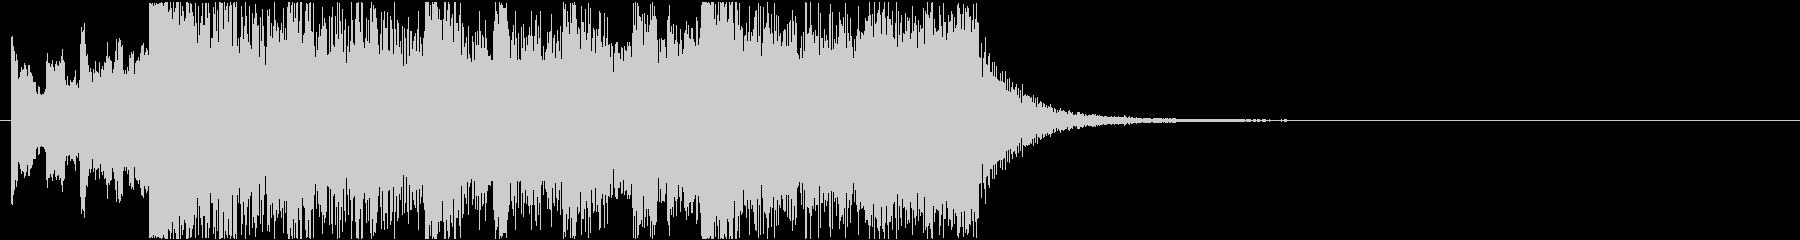 ニュースOP2 16bit44kVerの未再生の波形